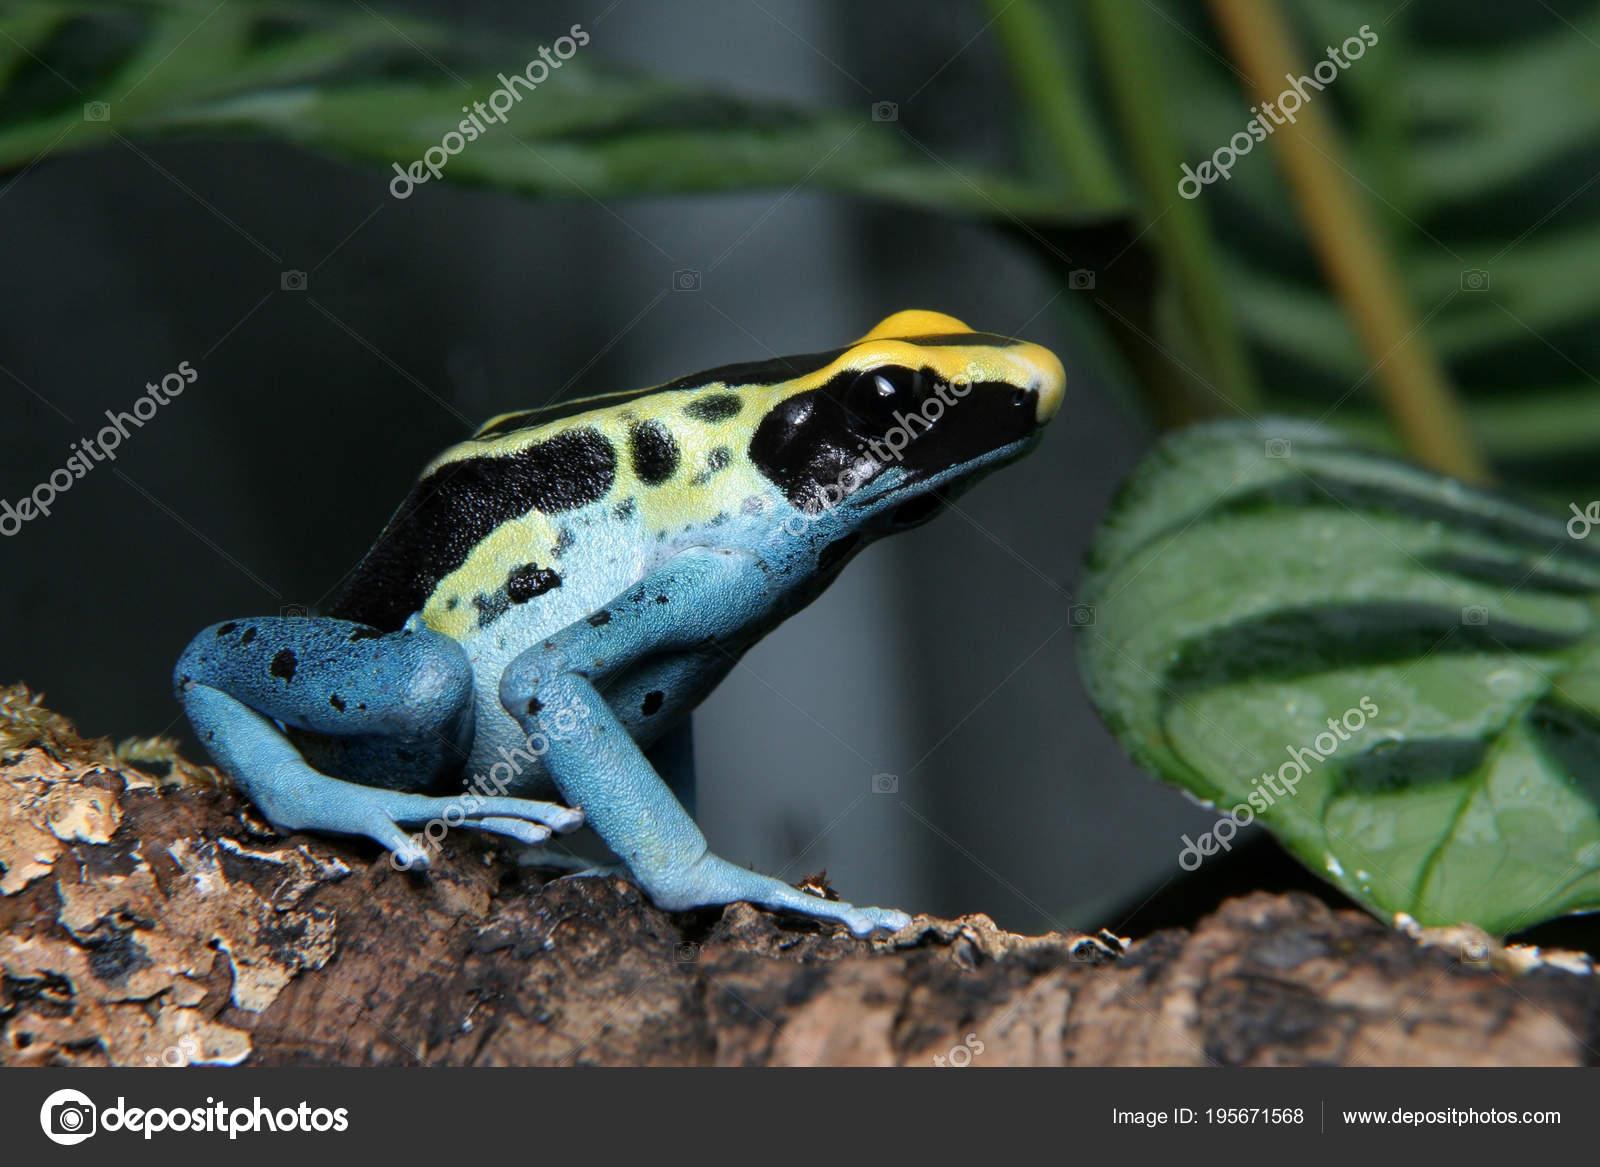 Patricia Dyeing Poison Dart Frog Dendrobates Tinctorius Stock